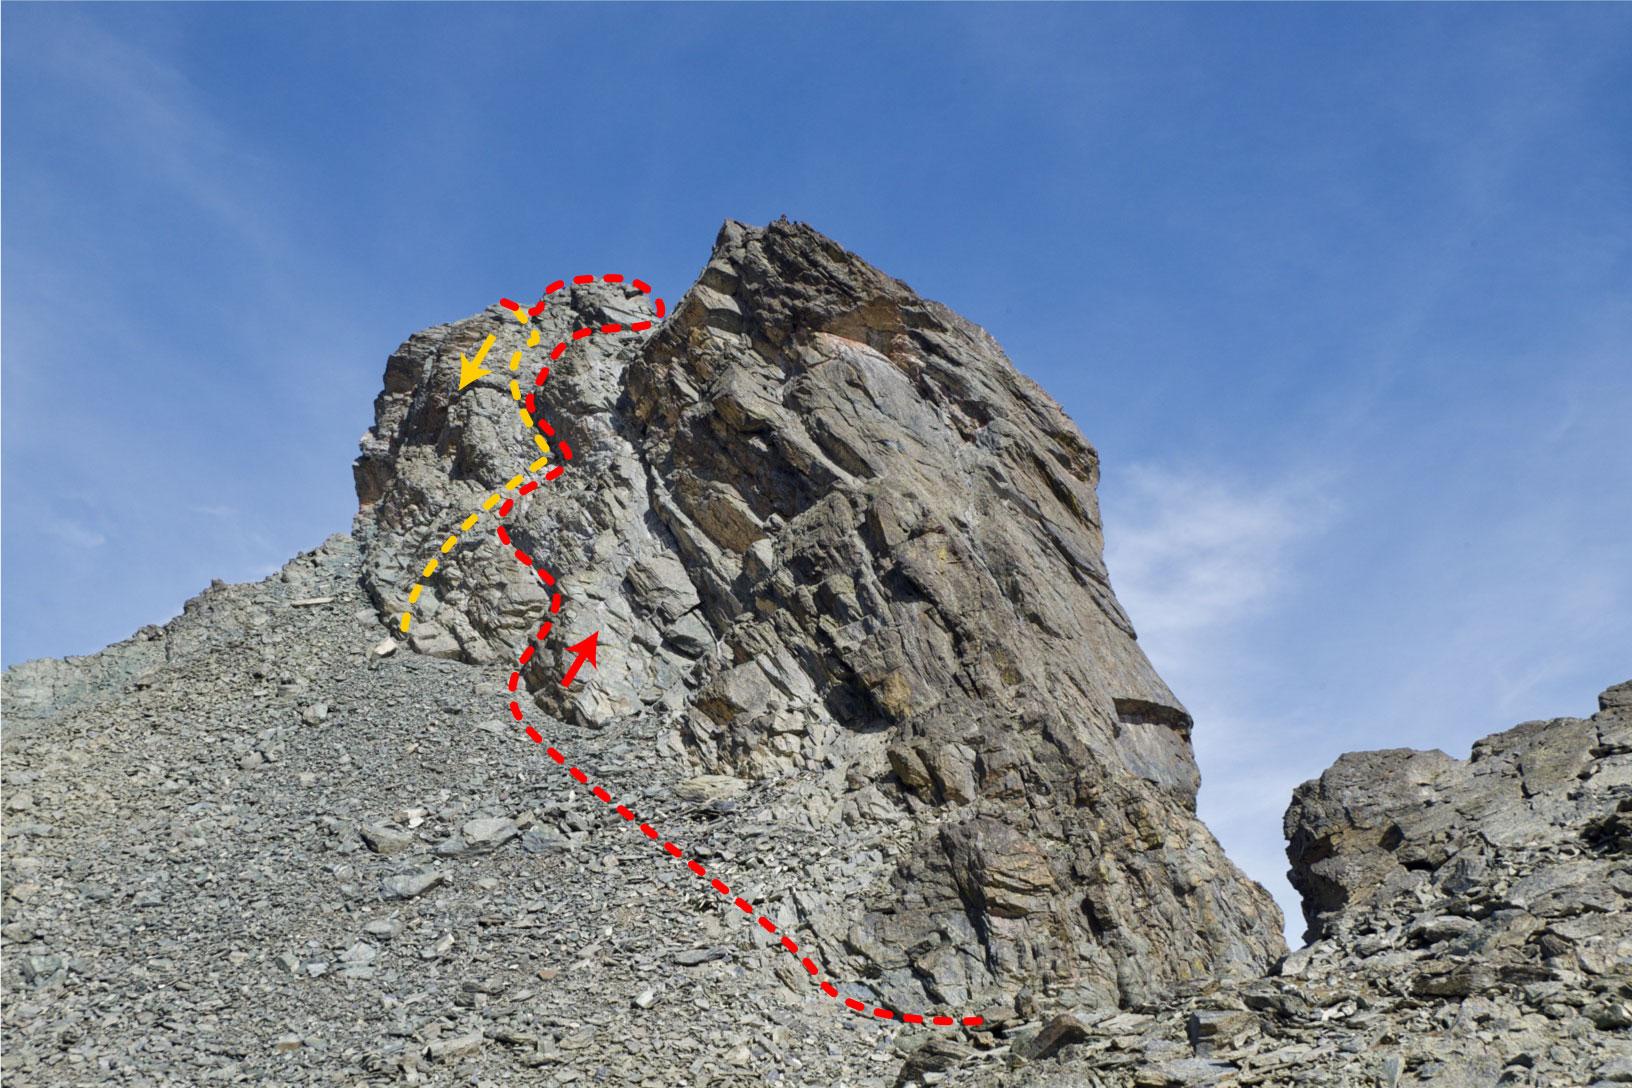 Il percorso di salita (rosso) e discesa (arancio) del Roc della Niera visto dal versante francese